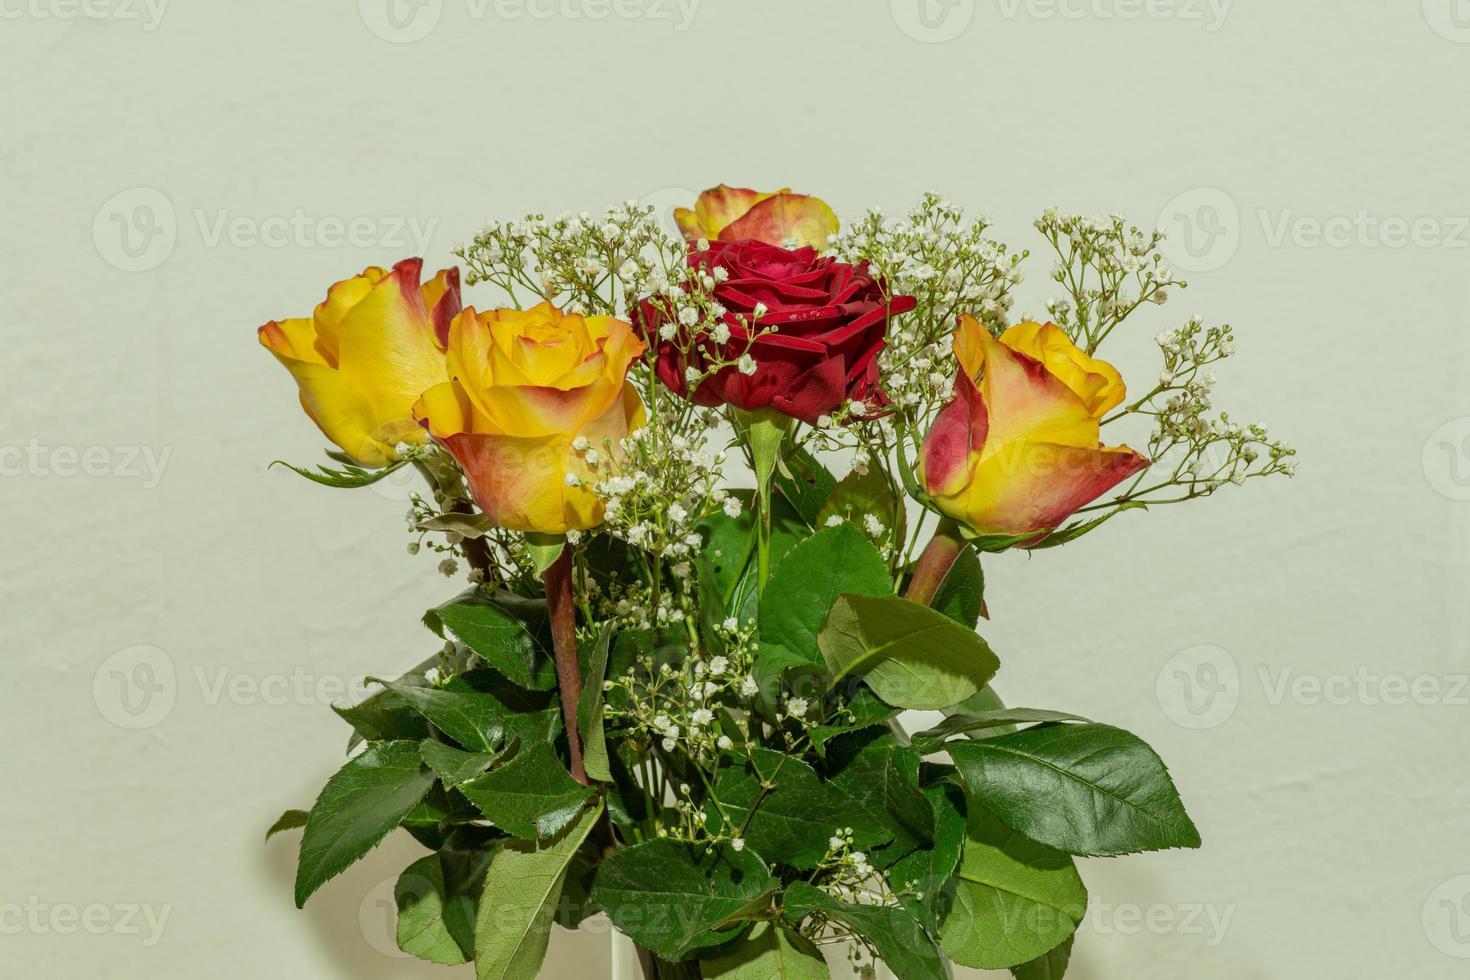 bellissimo bouquet romantico di rose gialle e rosse con foglie verdi foto